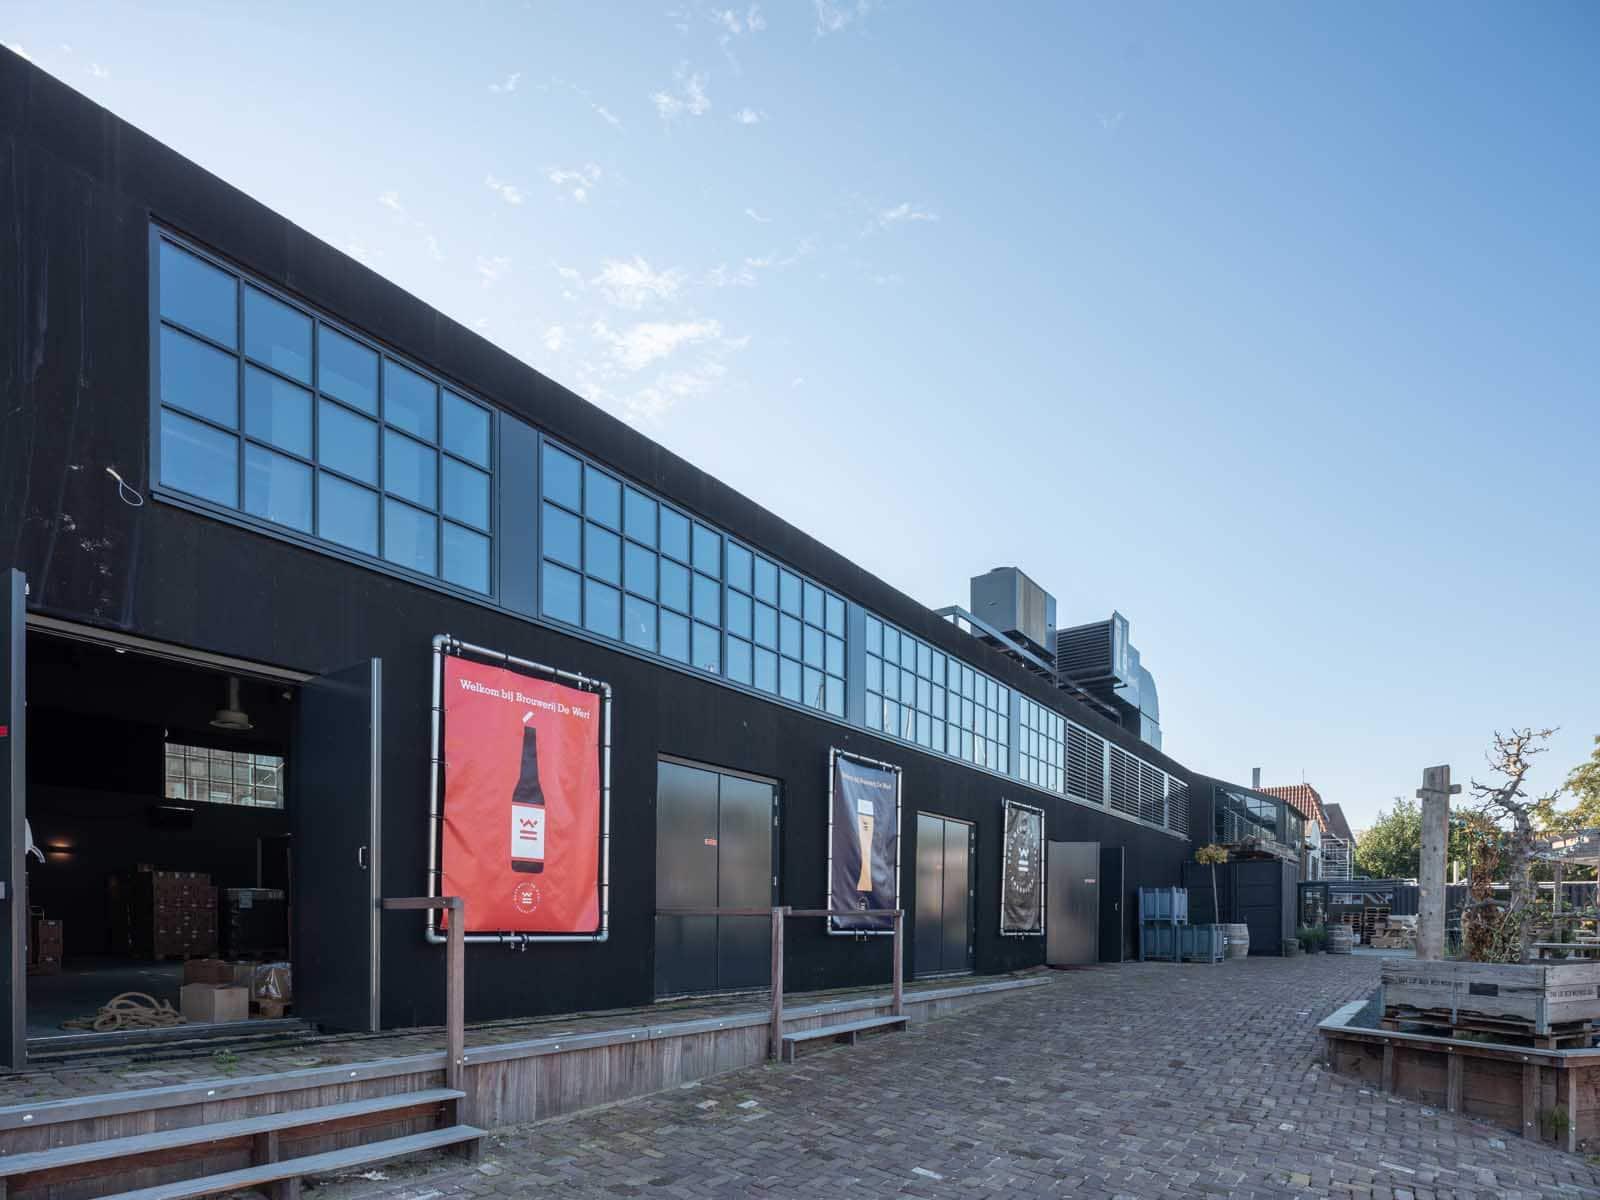 Brouwerij de Werf - Voorbeeldprojecten Steunpunt Monumenten & Archeologie